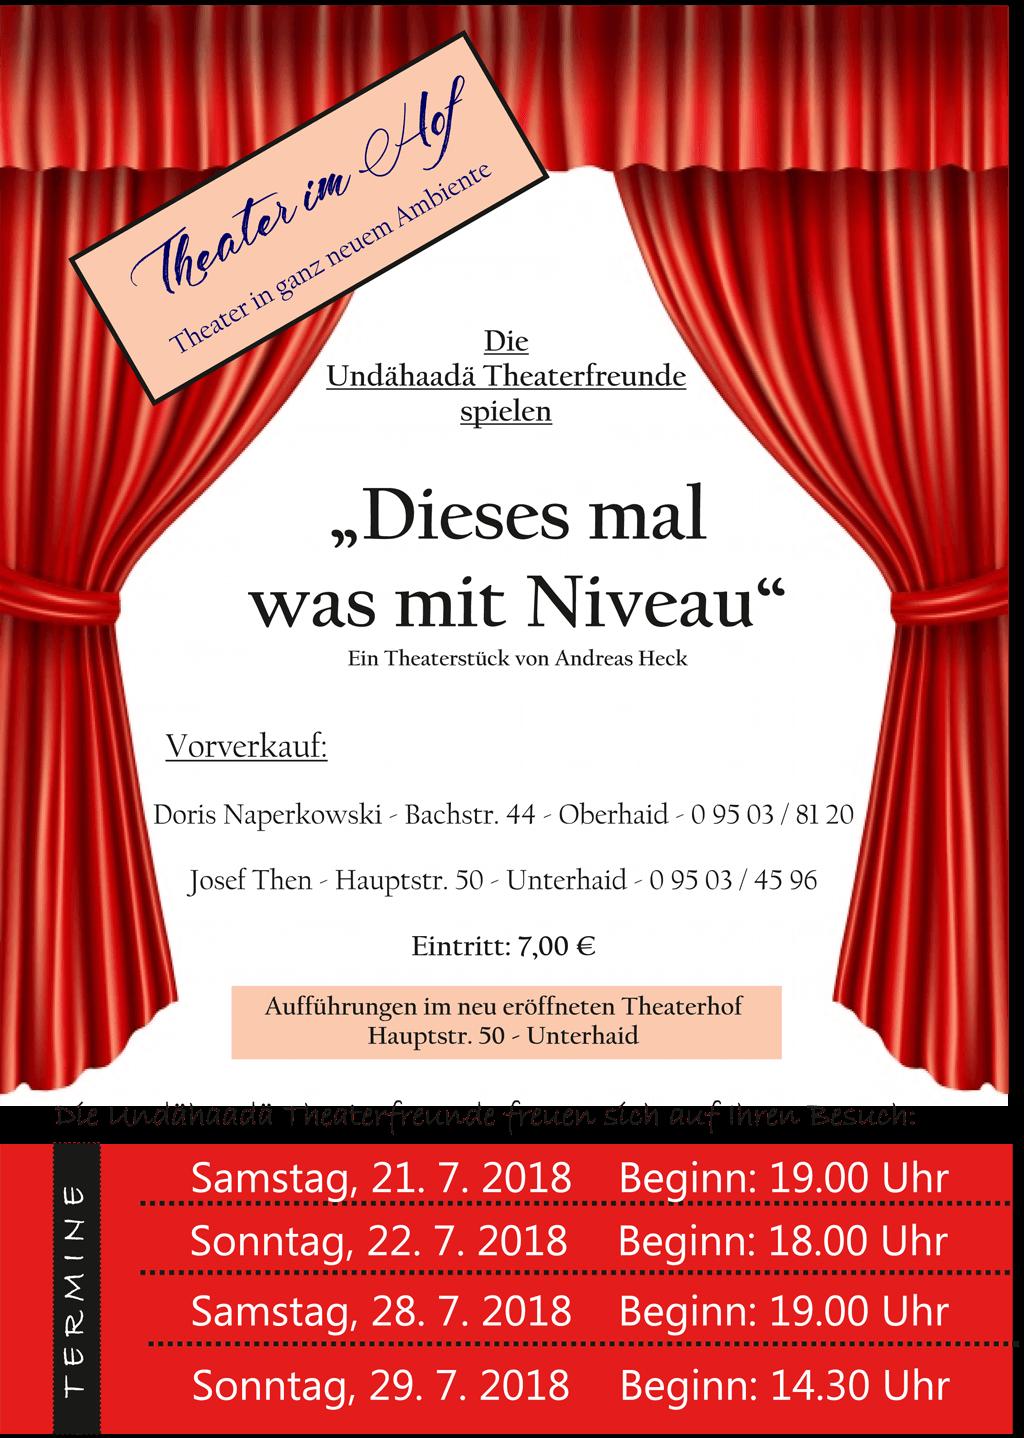 """Plakat der Unterhaider Theaterfreunde zu """"Dieses Mal was mit Niveau!"""""""